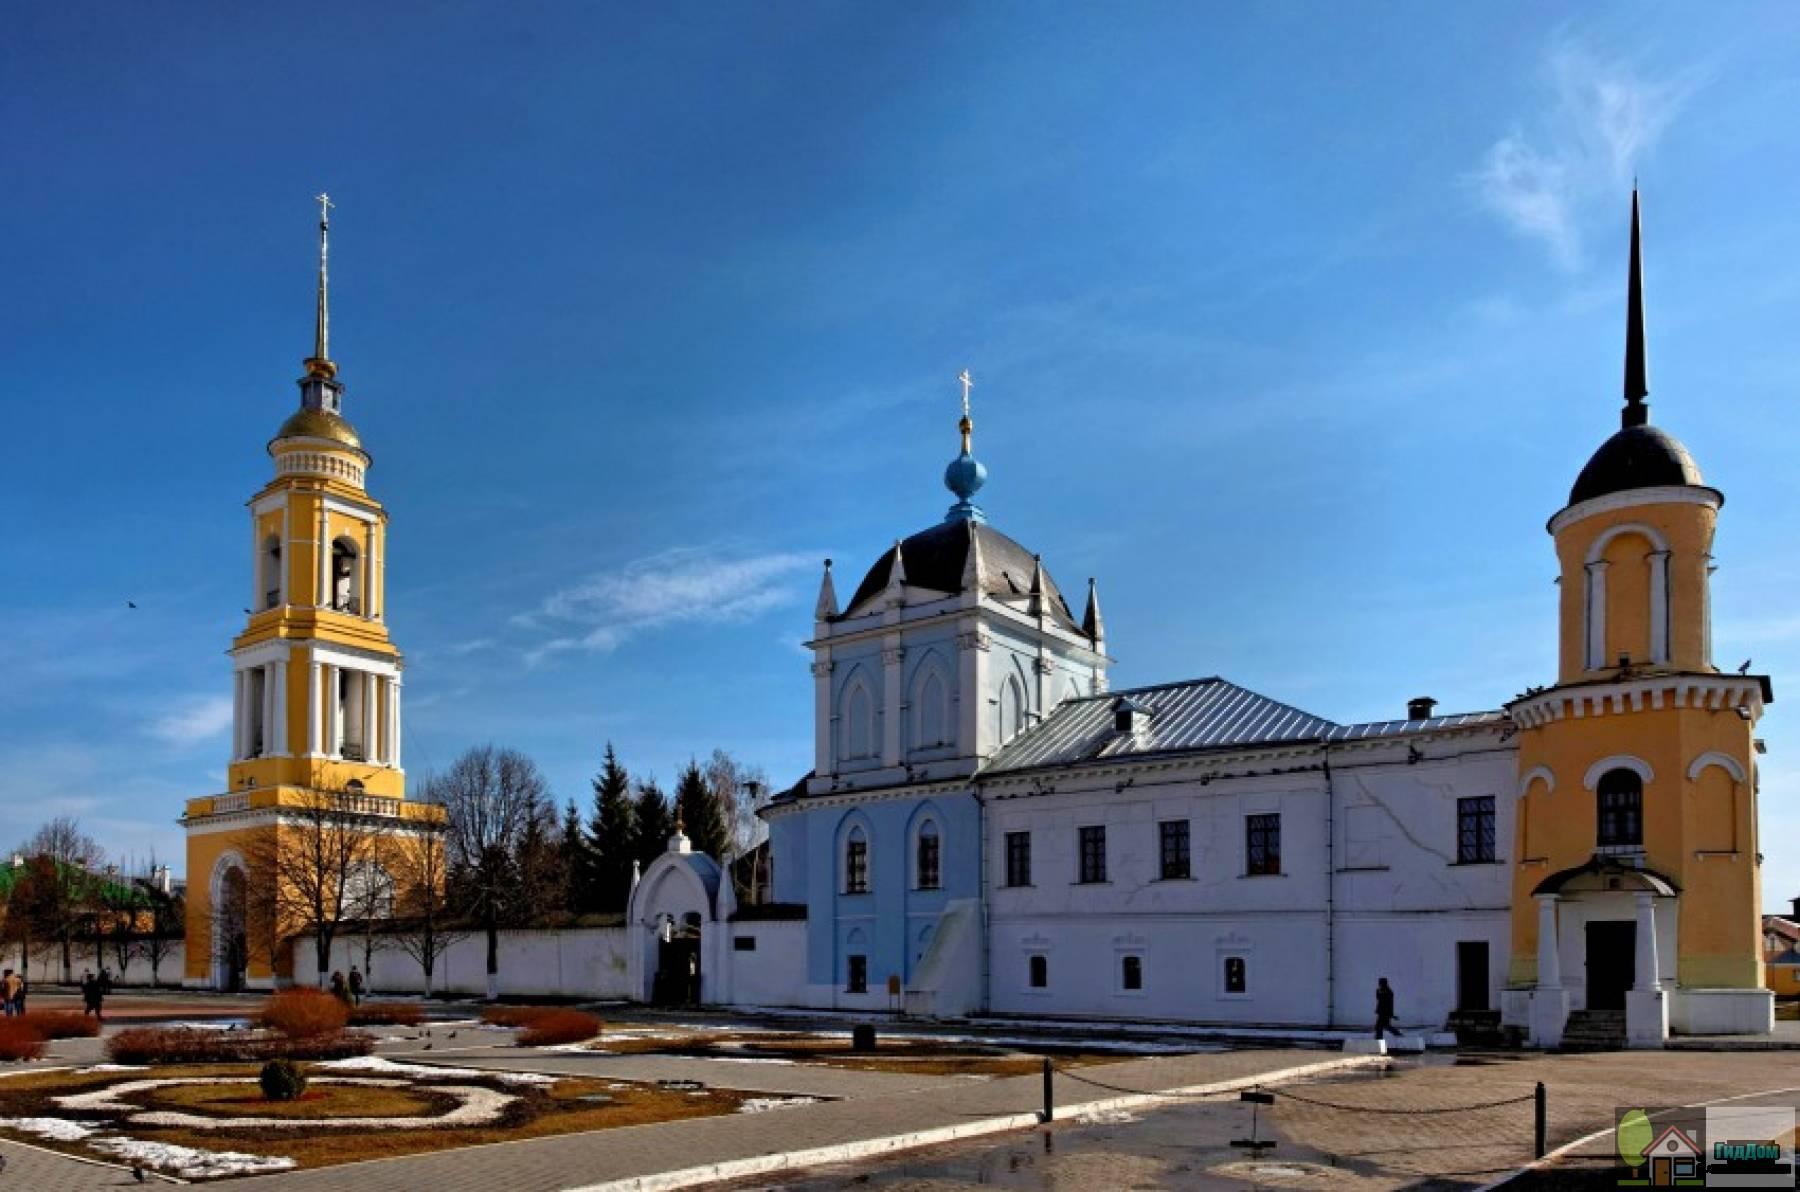 Троицкий Ново-Голутвин монастырь